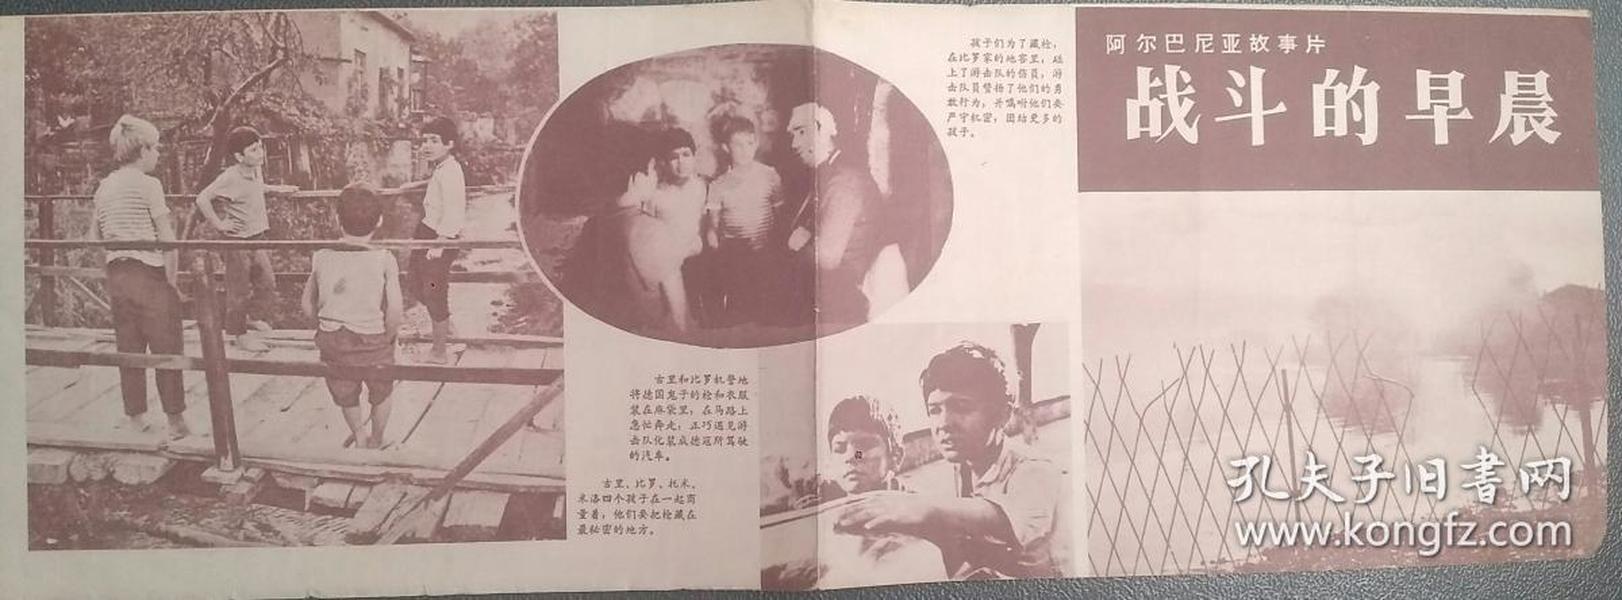 上海市电影发行放映公司印的上海译制片《战斗的早晨》电影说明书